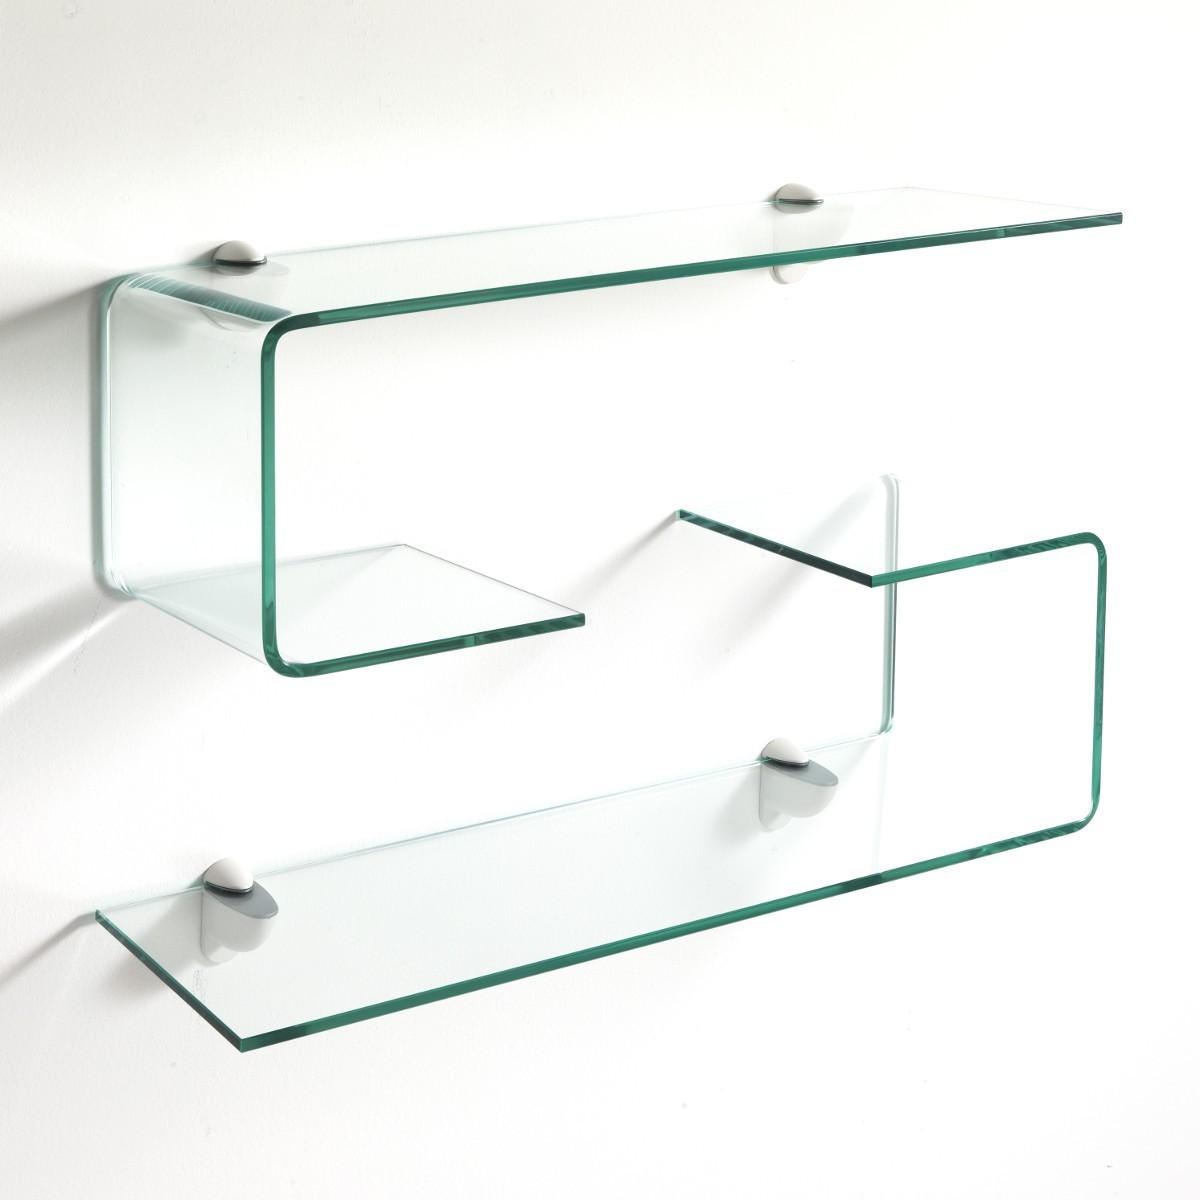 Pickup coppia mensole in vetro curvato spessore 10 mm lunghezza 75 cm - Ikea mensole vetro ...